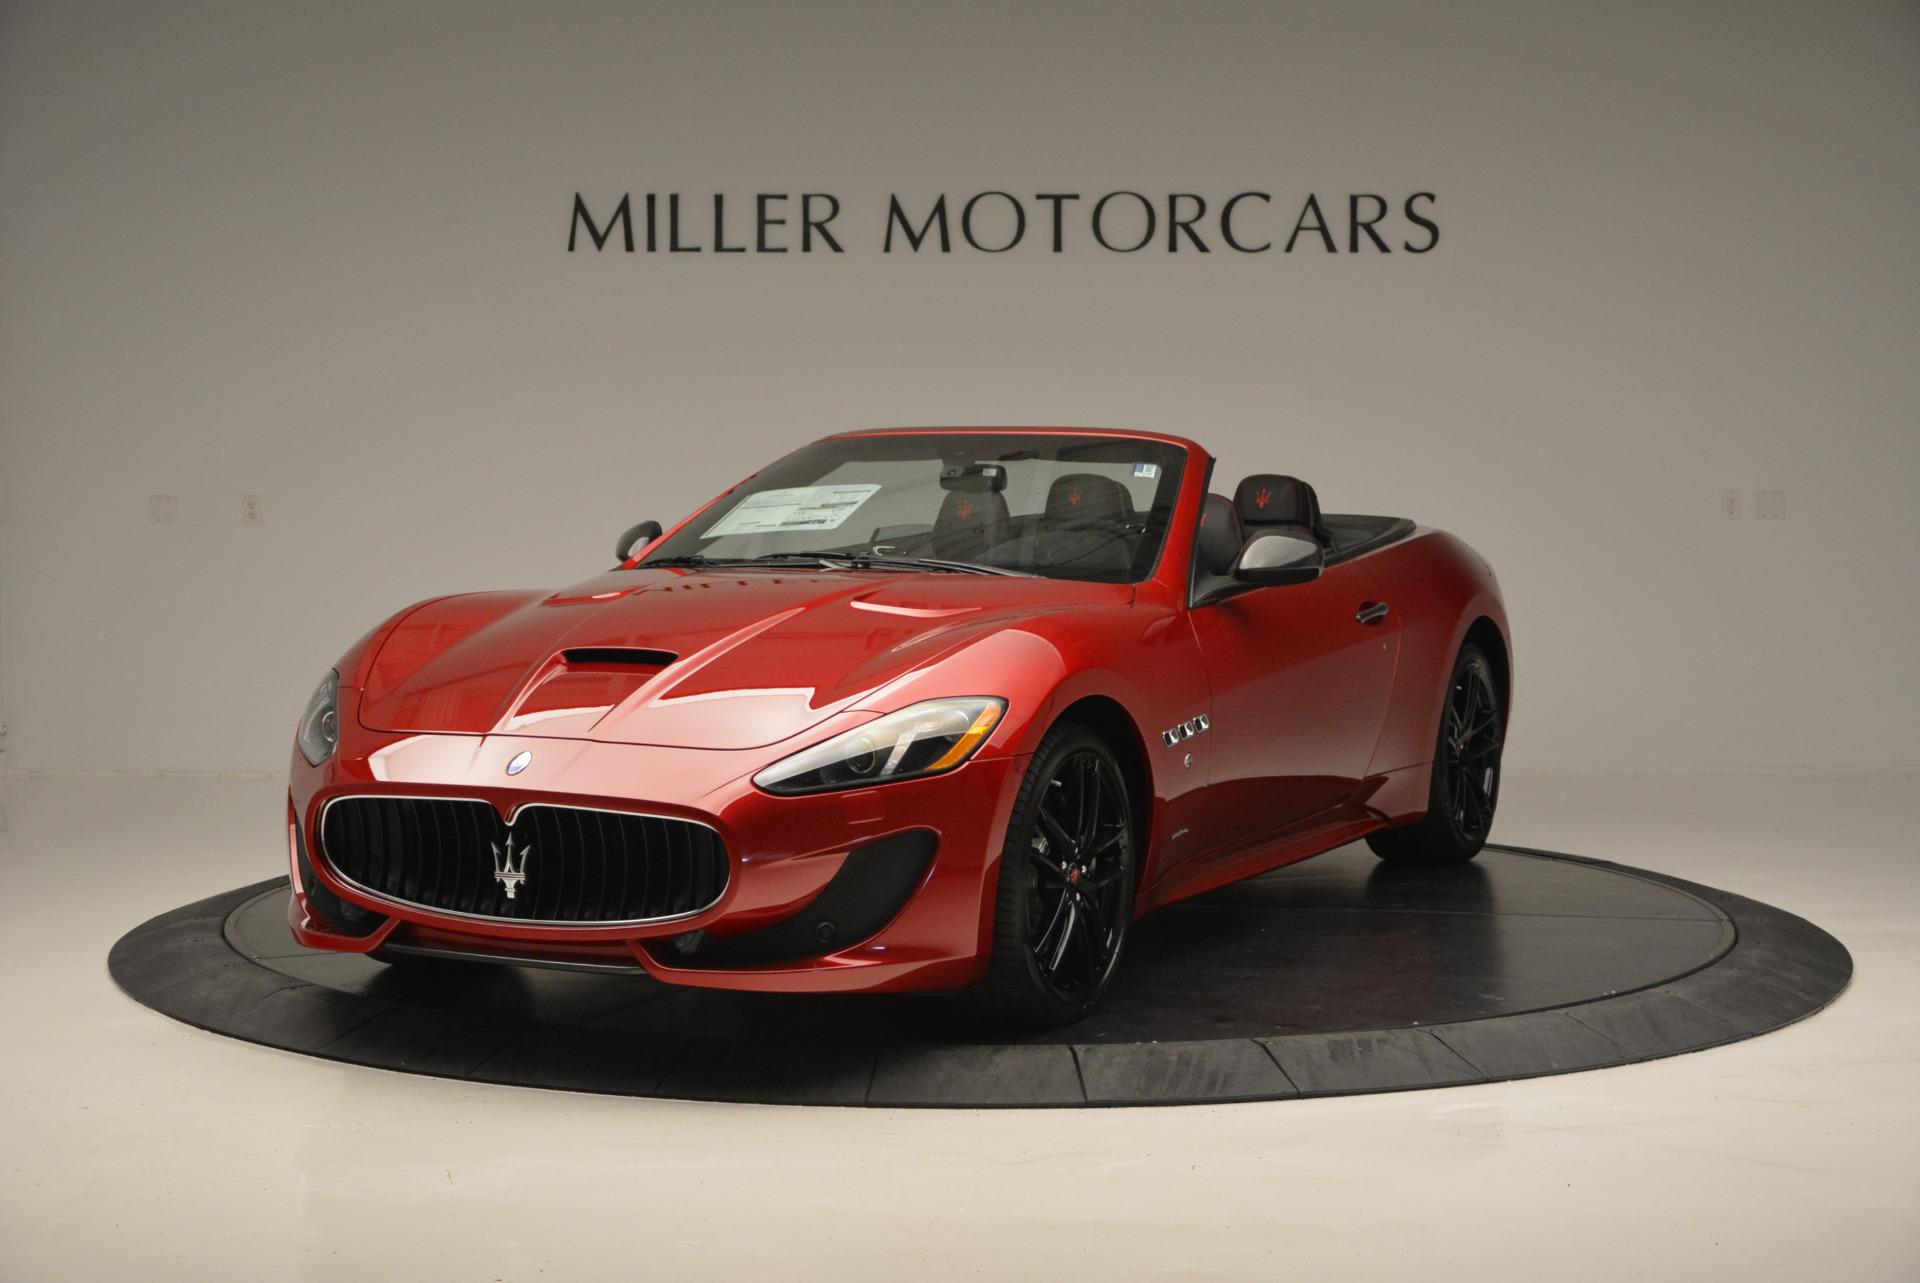 New 2017 Maserati GranTurismo Sport Special Edition For Sale In Greenwich, CT 763_main